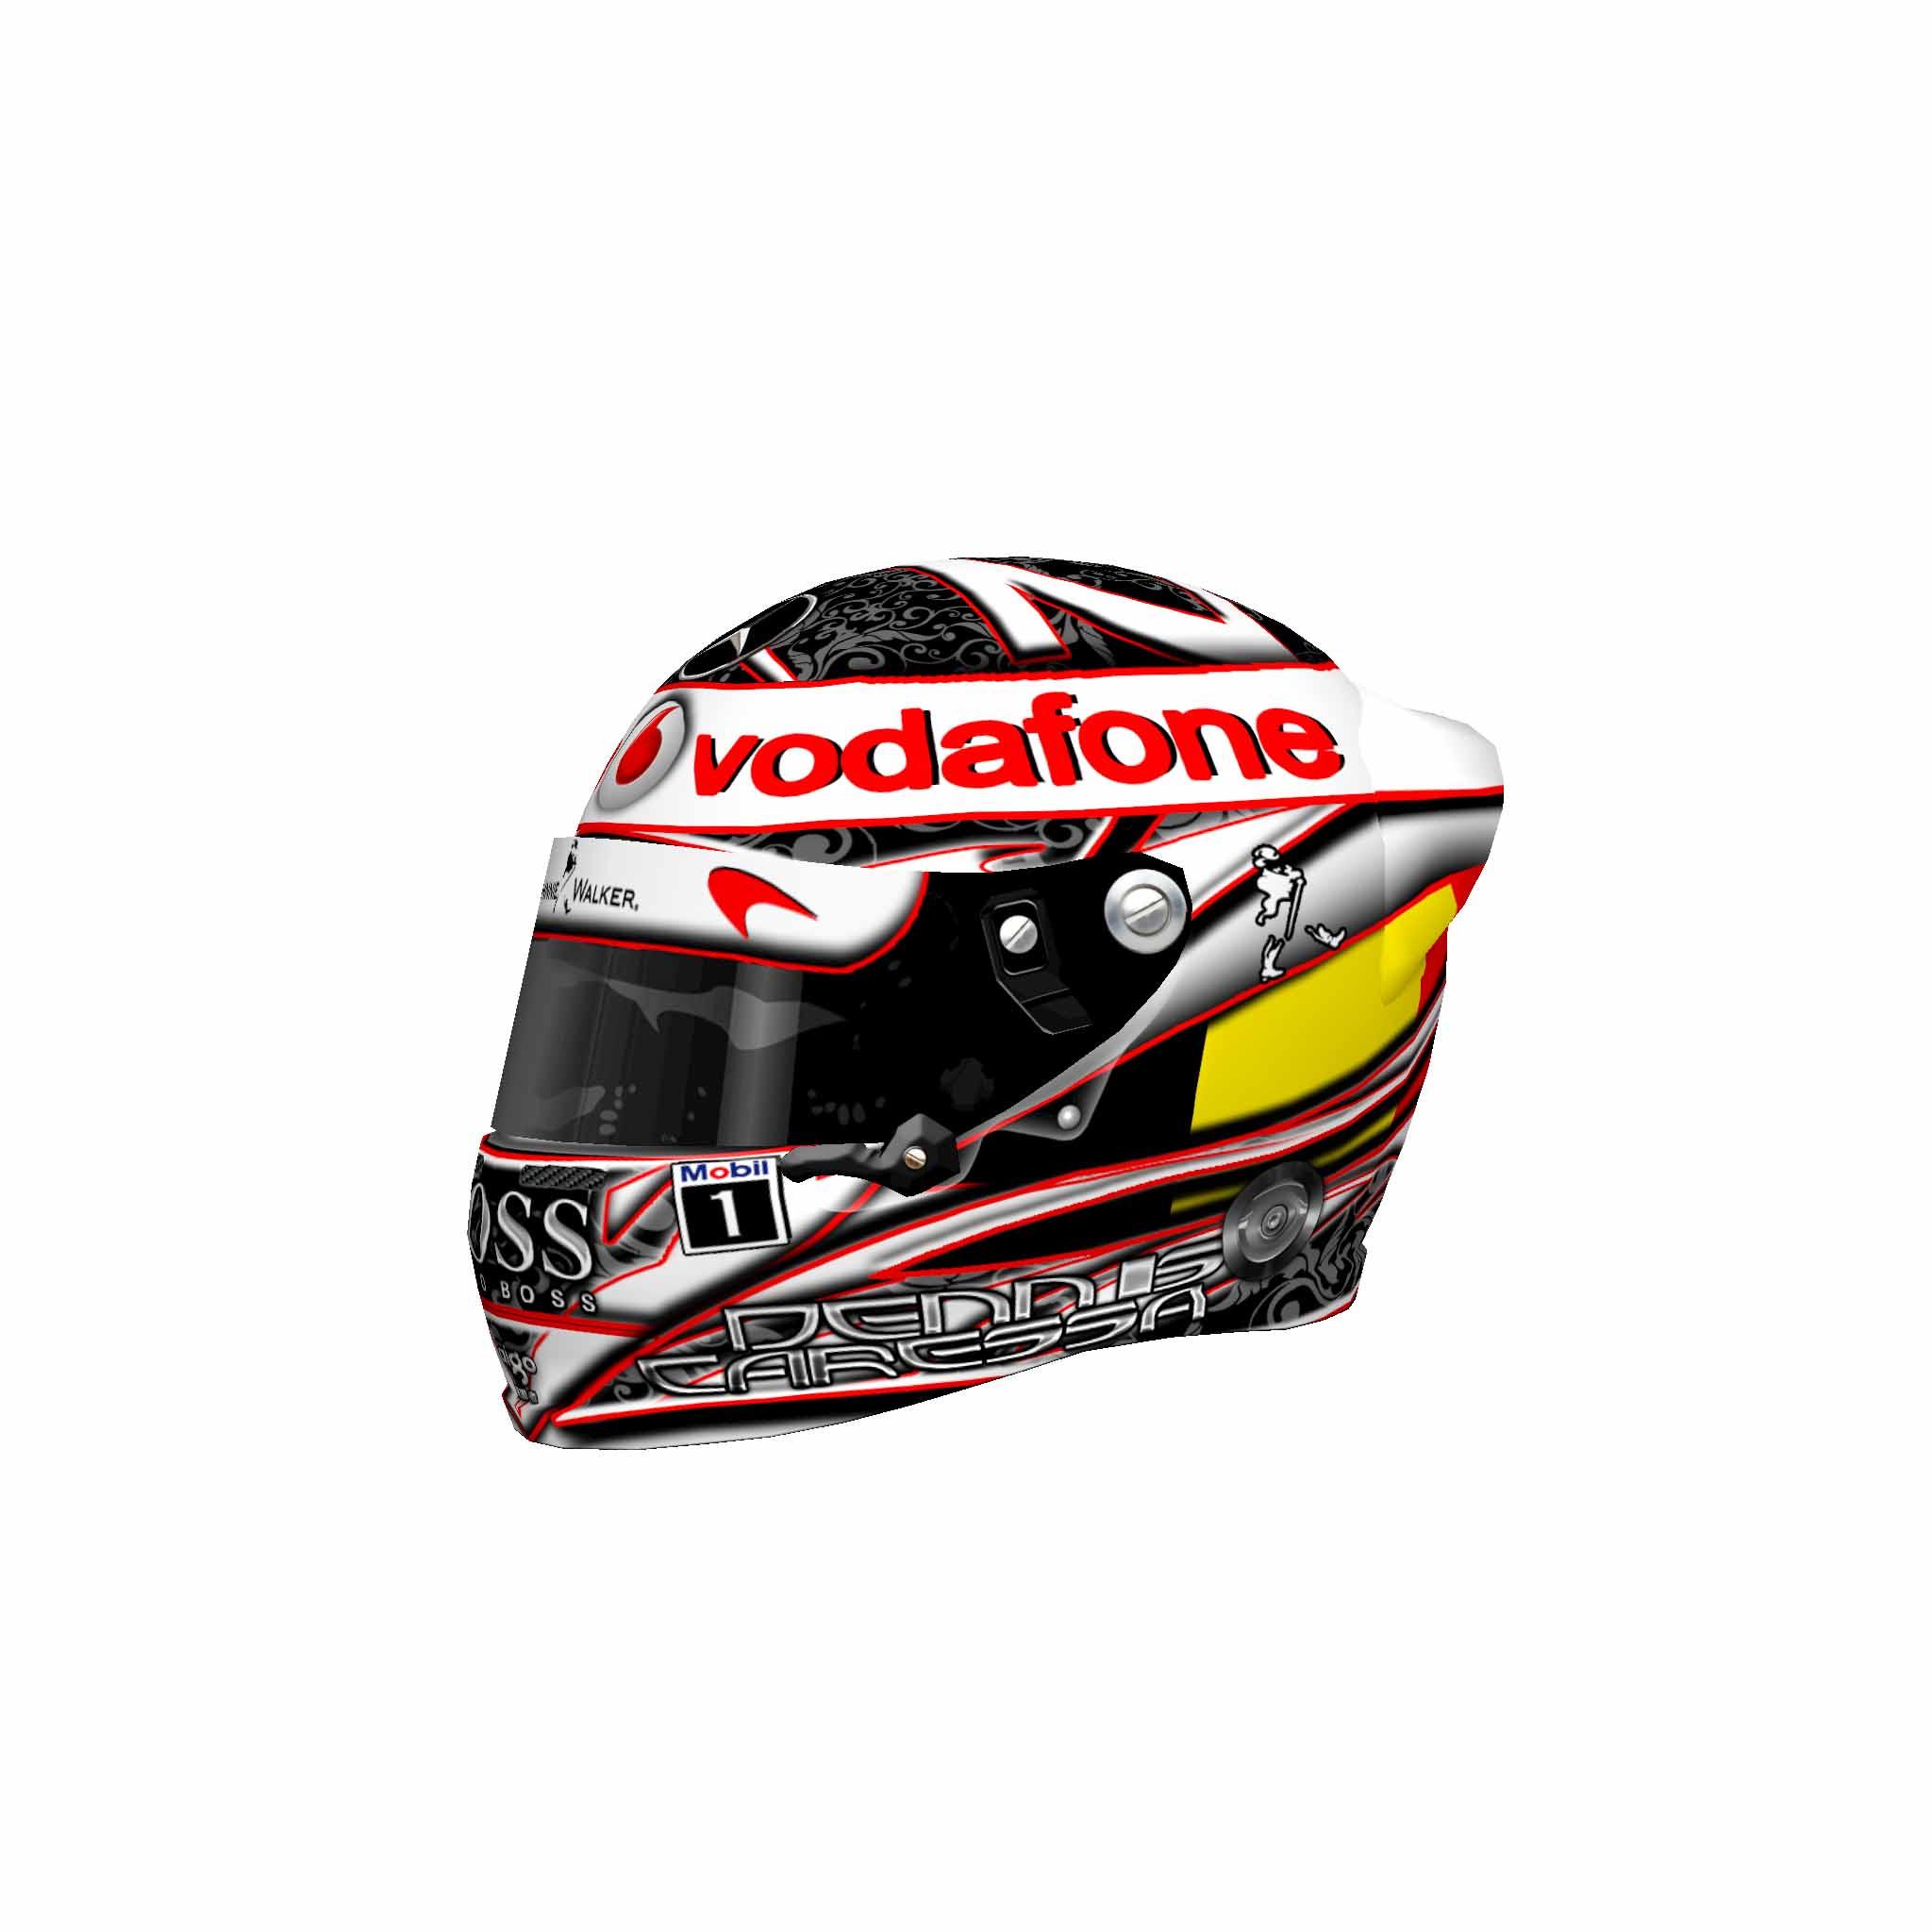 DC_helmet mclaren 2012_black.jpg